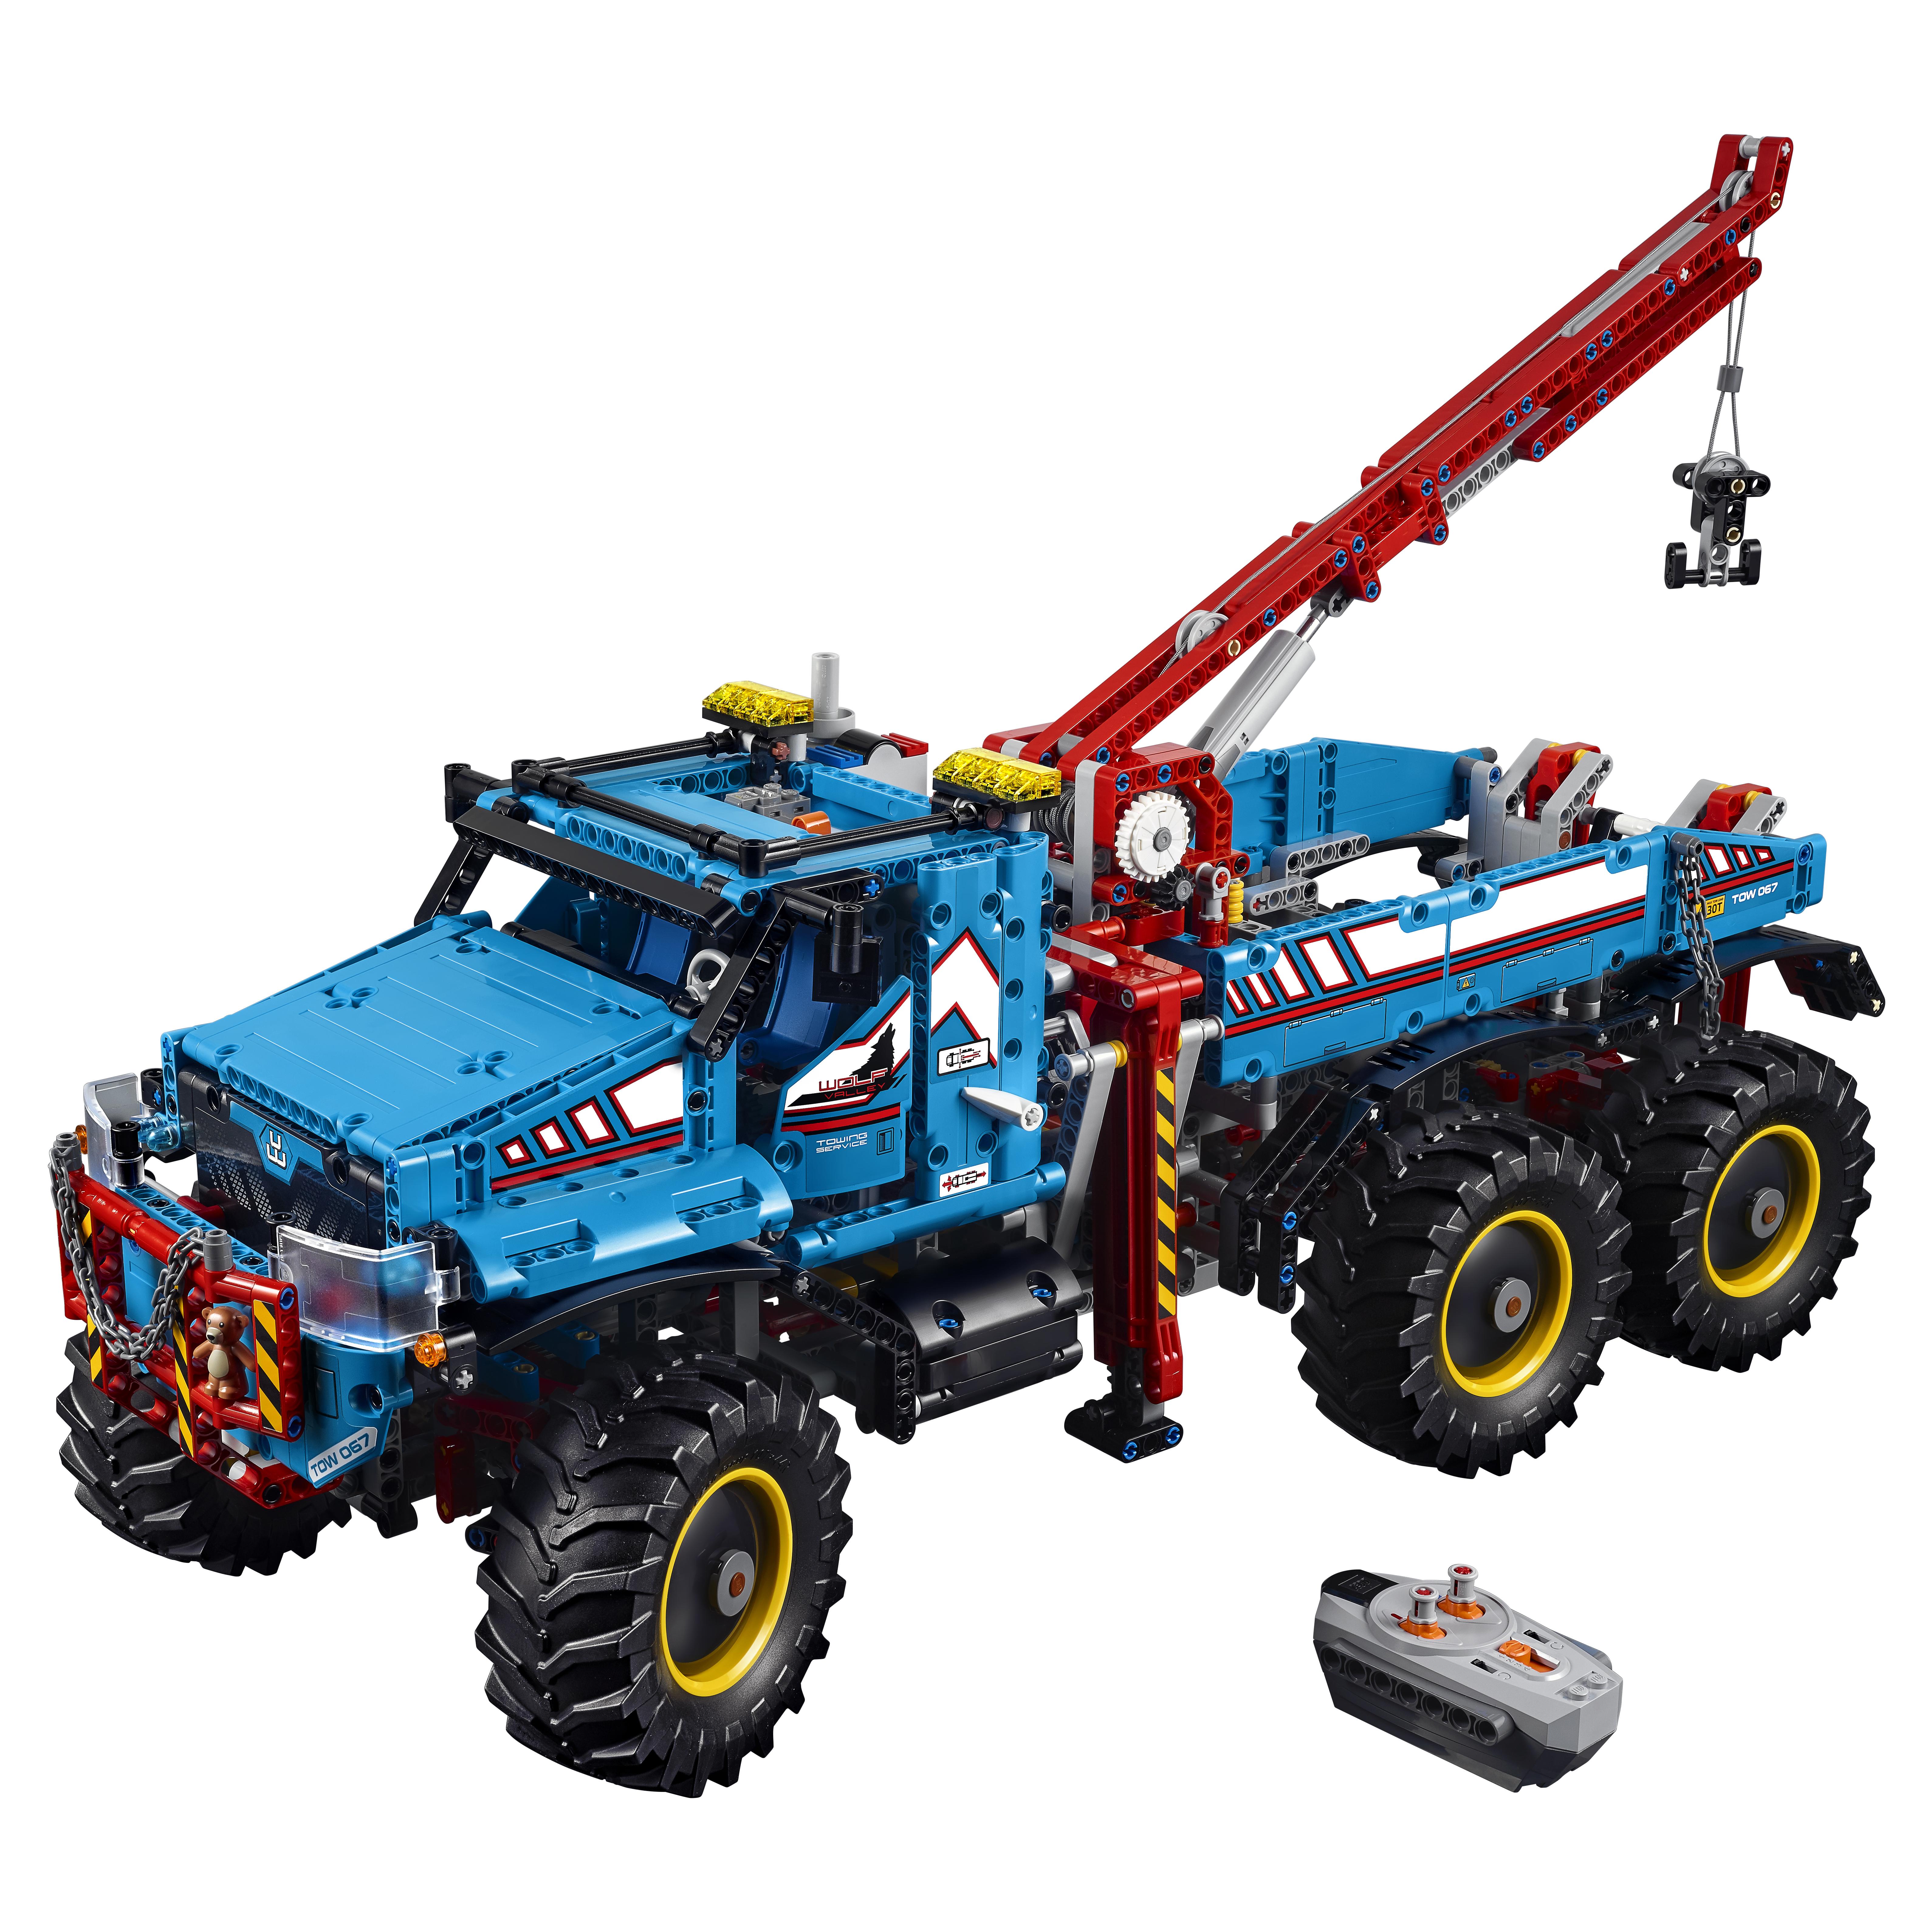 Конструктор LEGO Technic Аварийный внедорожник 6х6 (42070)